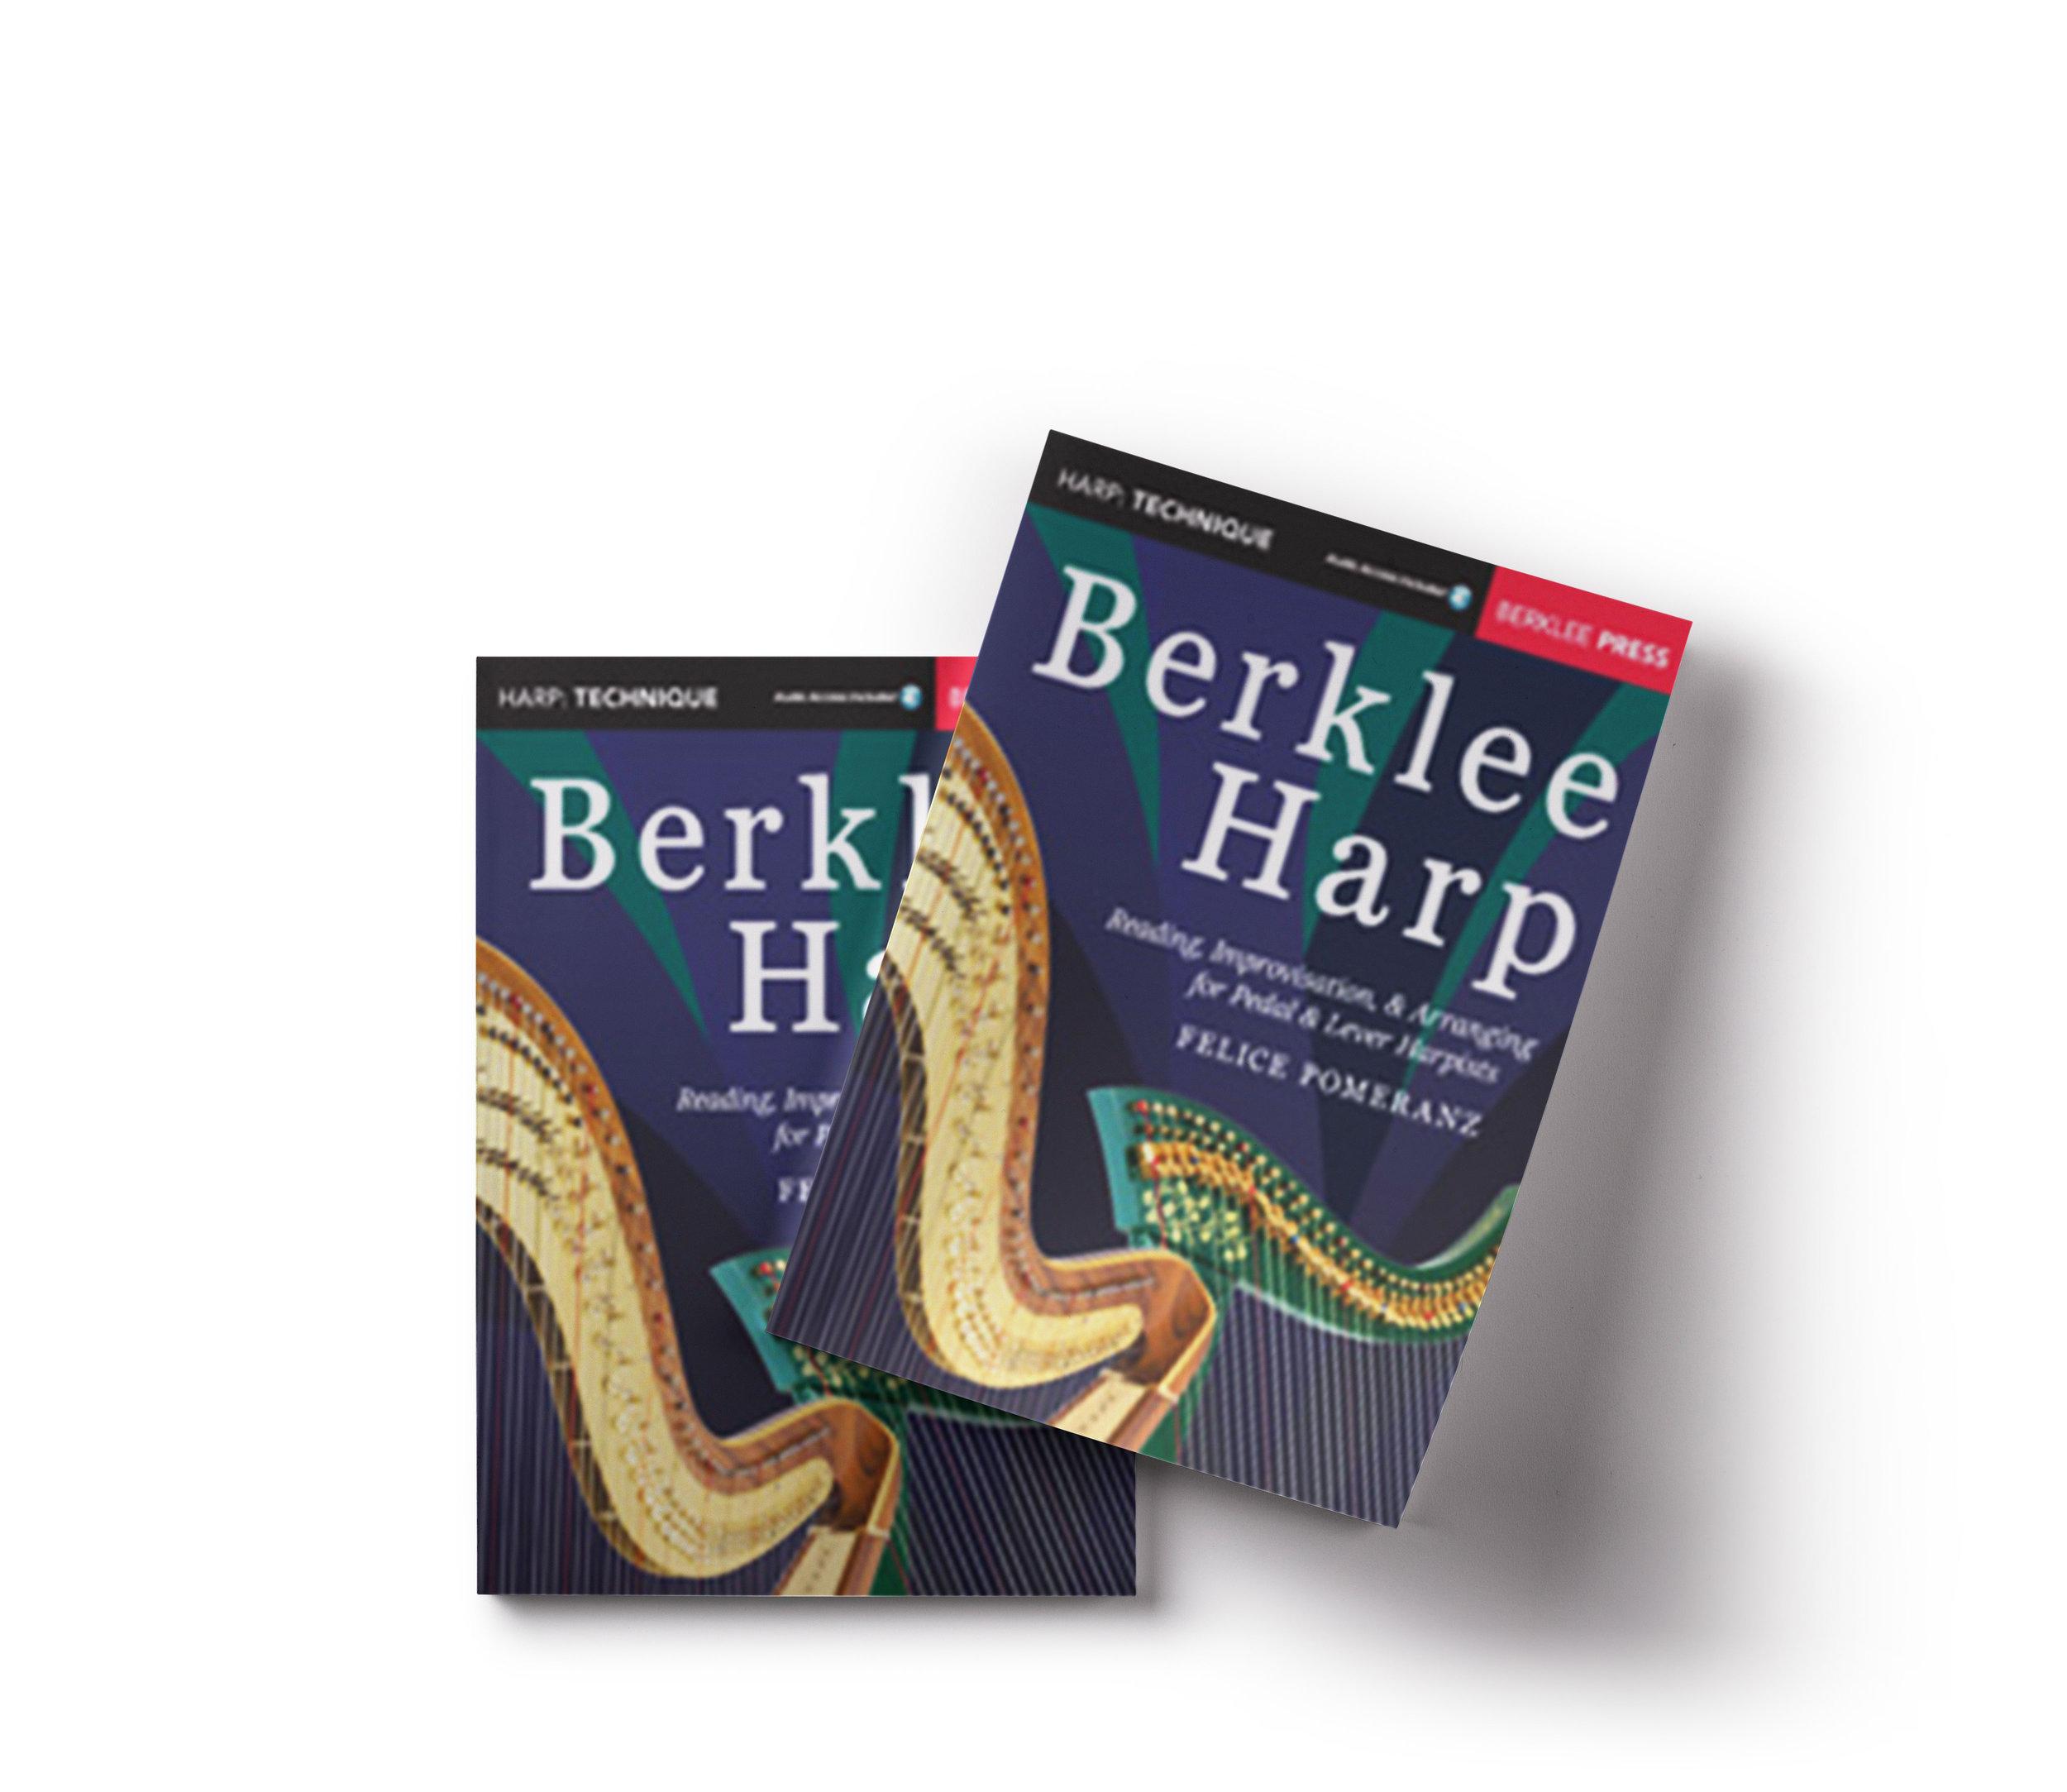 the-gilded-harps-berklee-harp-book-white-bg-3-cropped.jpg